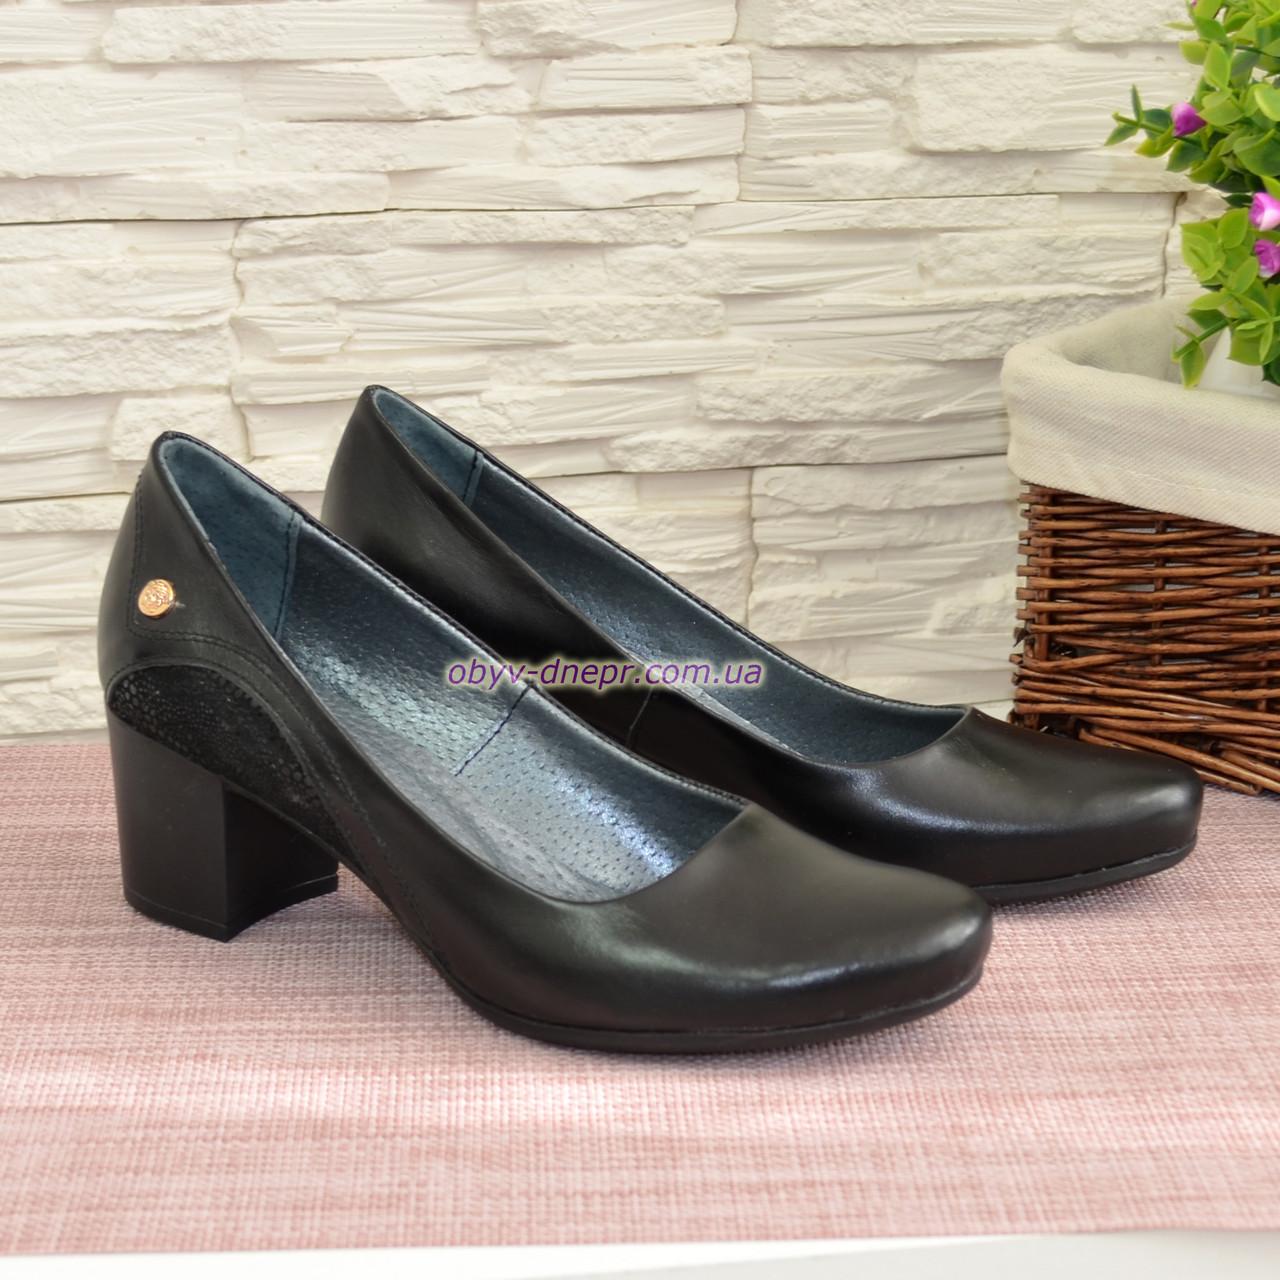 Туфли женские на невысоком каблуке, декорированы фурнитурой